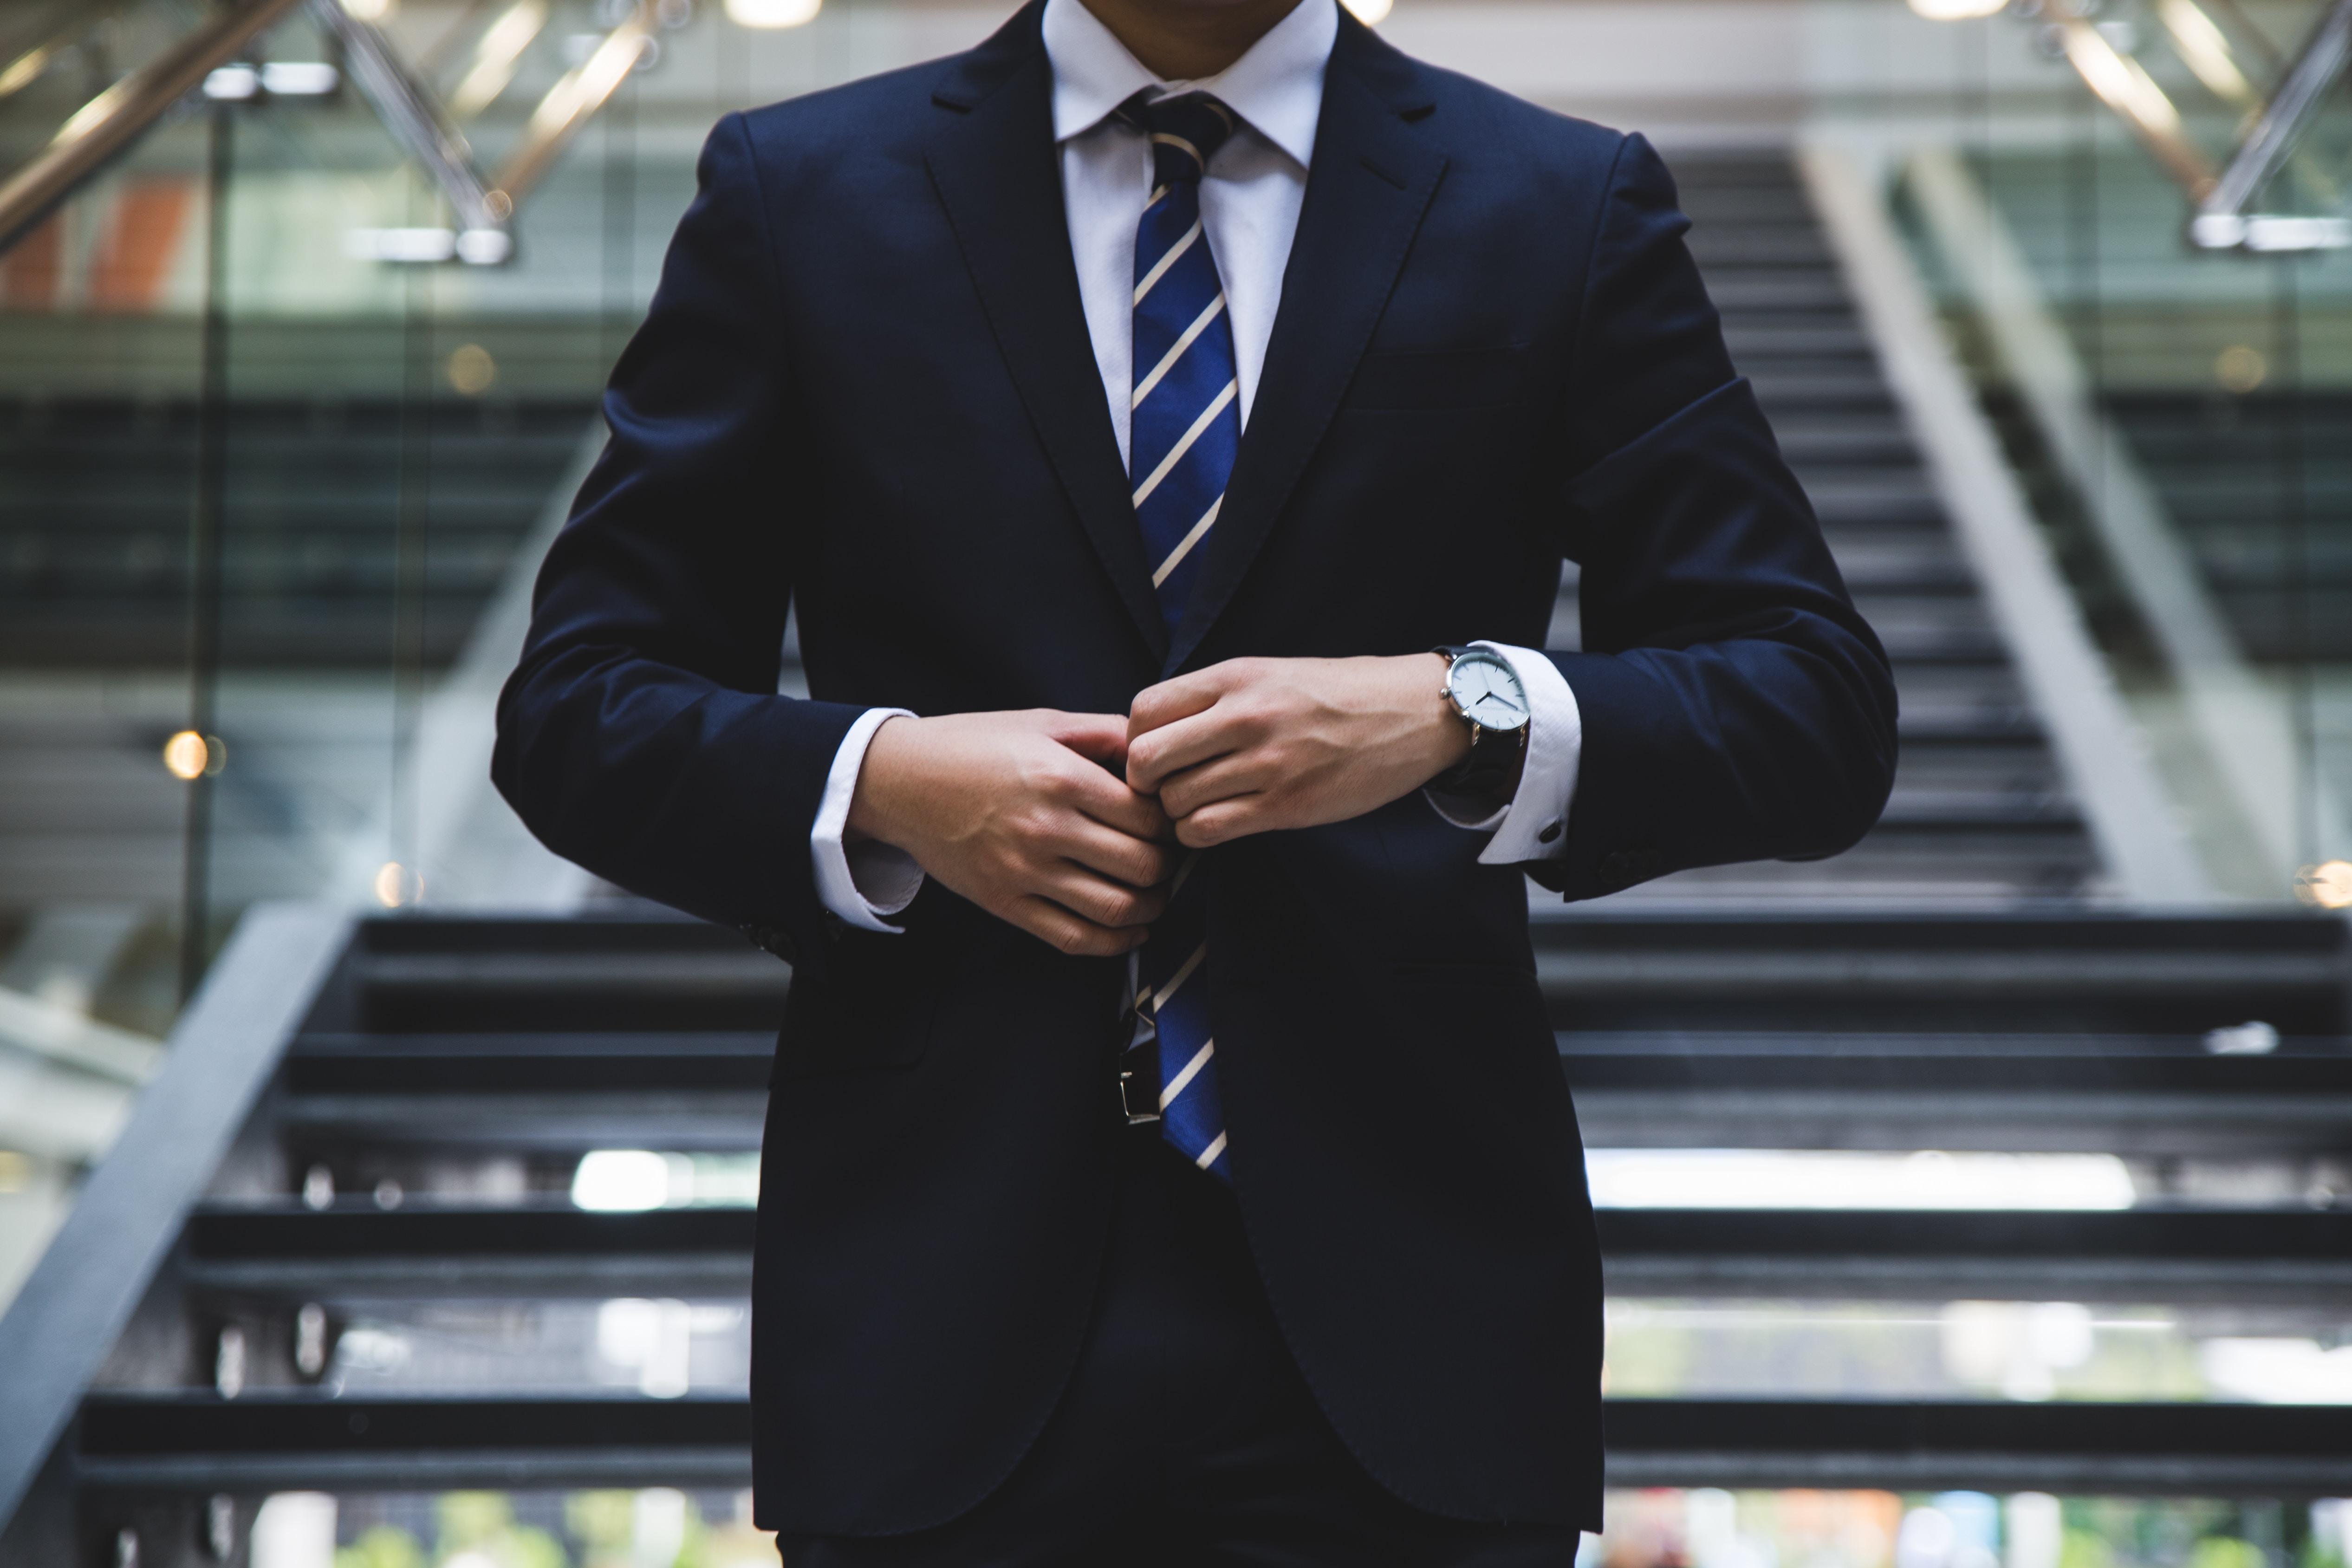 El efecto Pigmalión o la forma de influir de un líder